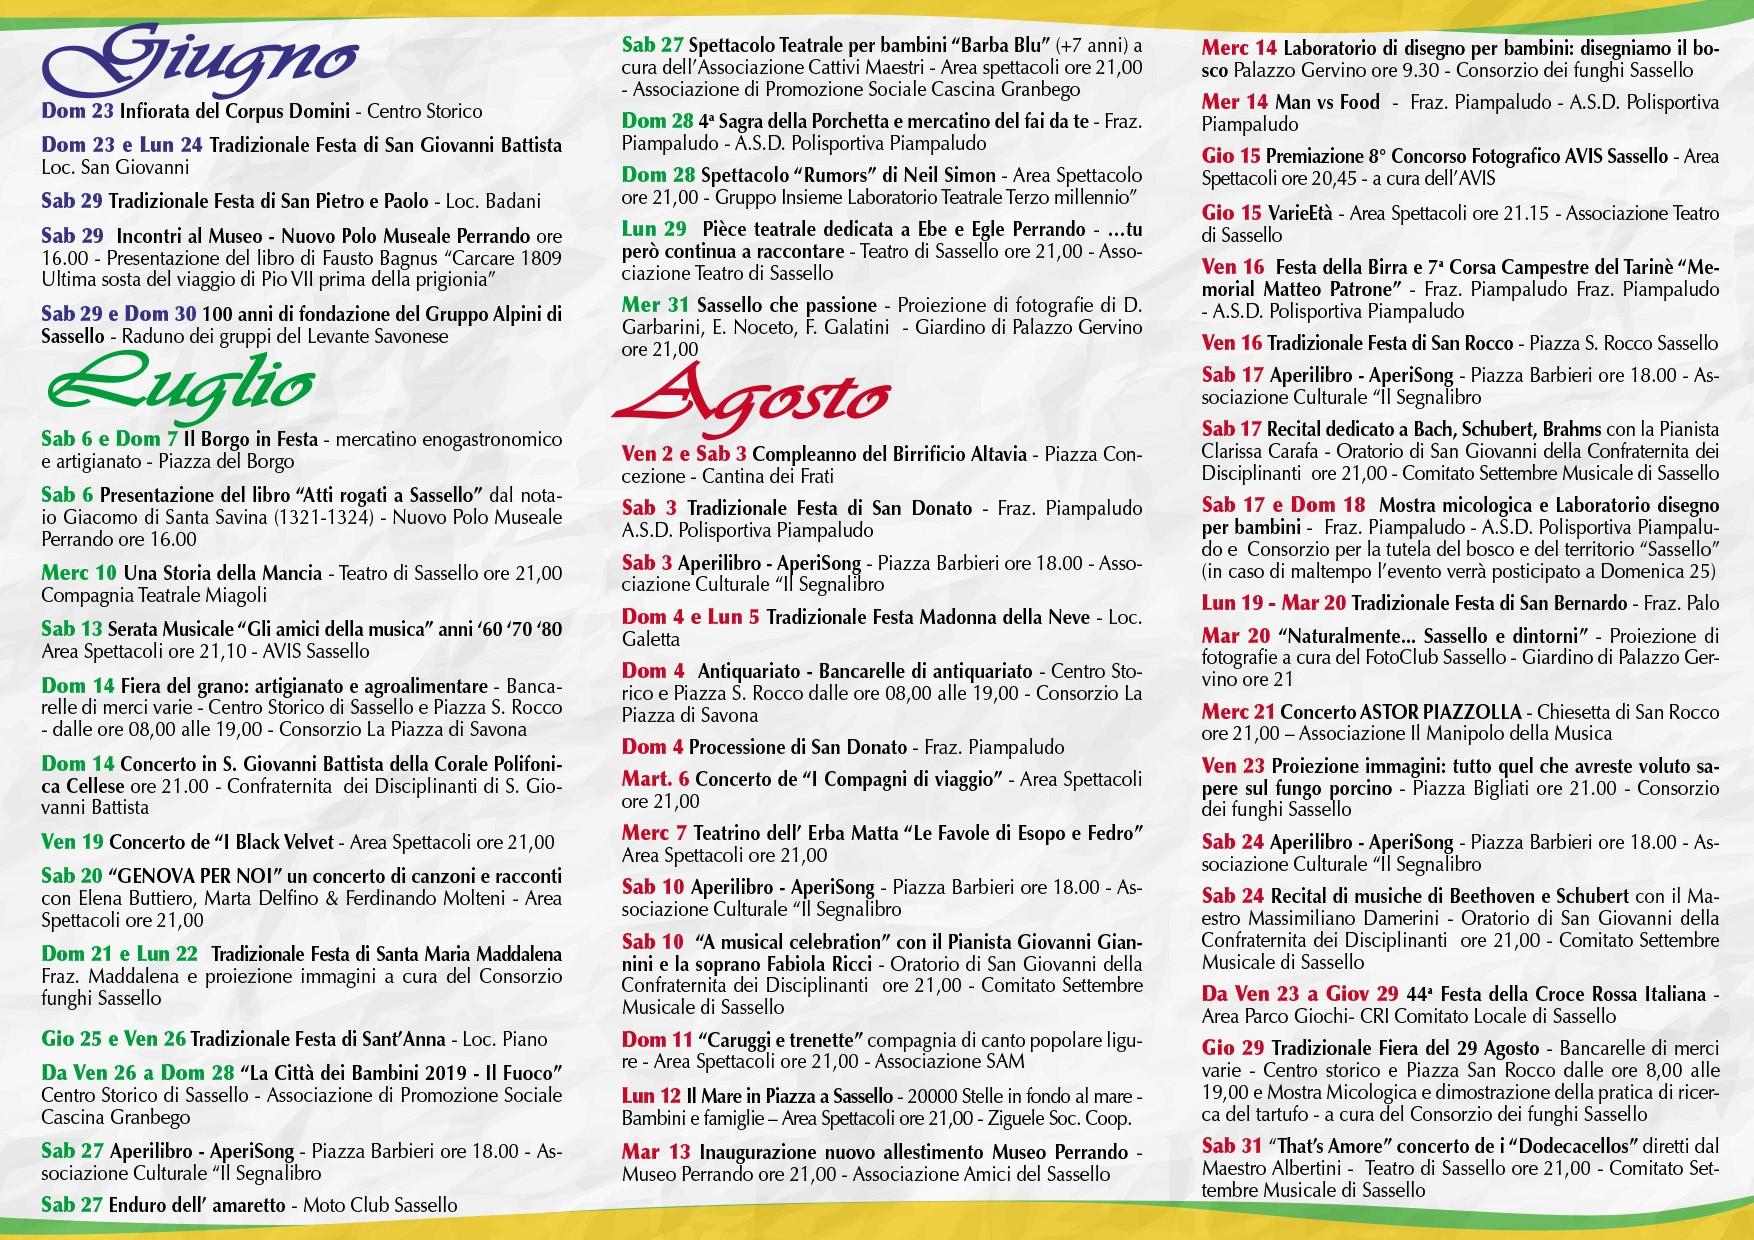 Calendario Eventi.Calendario Eventi 2019 Feel Sassello Territori Narranti